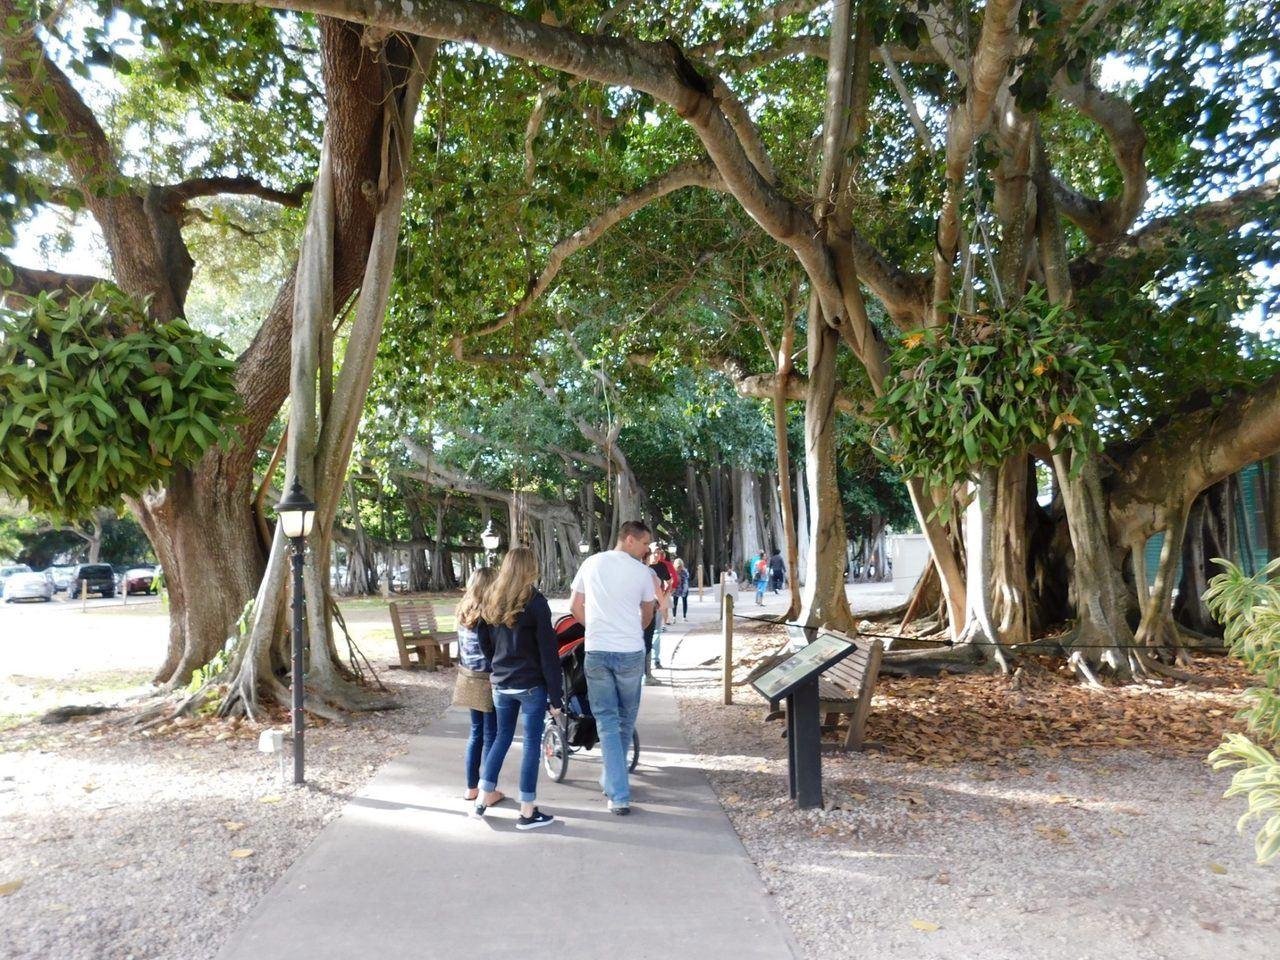 Edison & Ford Winter Estates (leurs maisons d'hiver à Fort Myers en Floride)